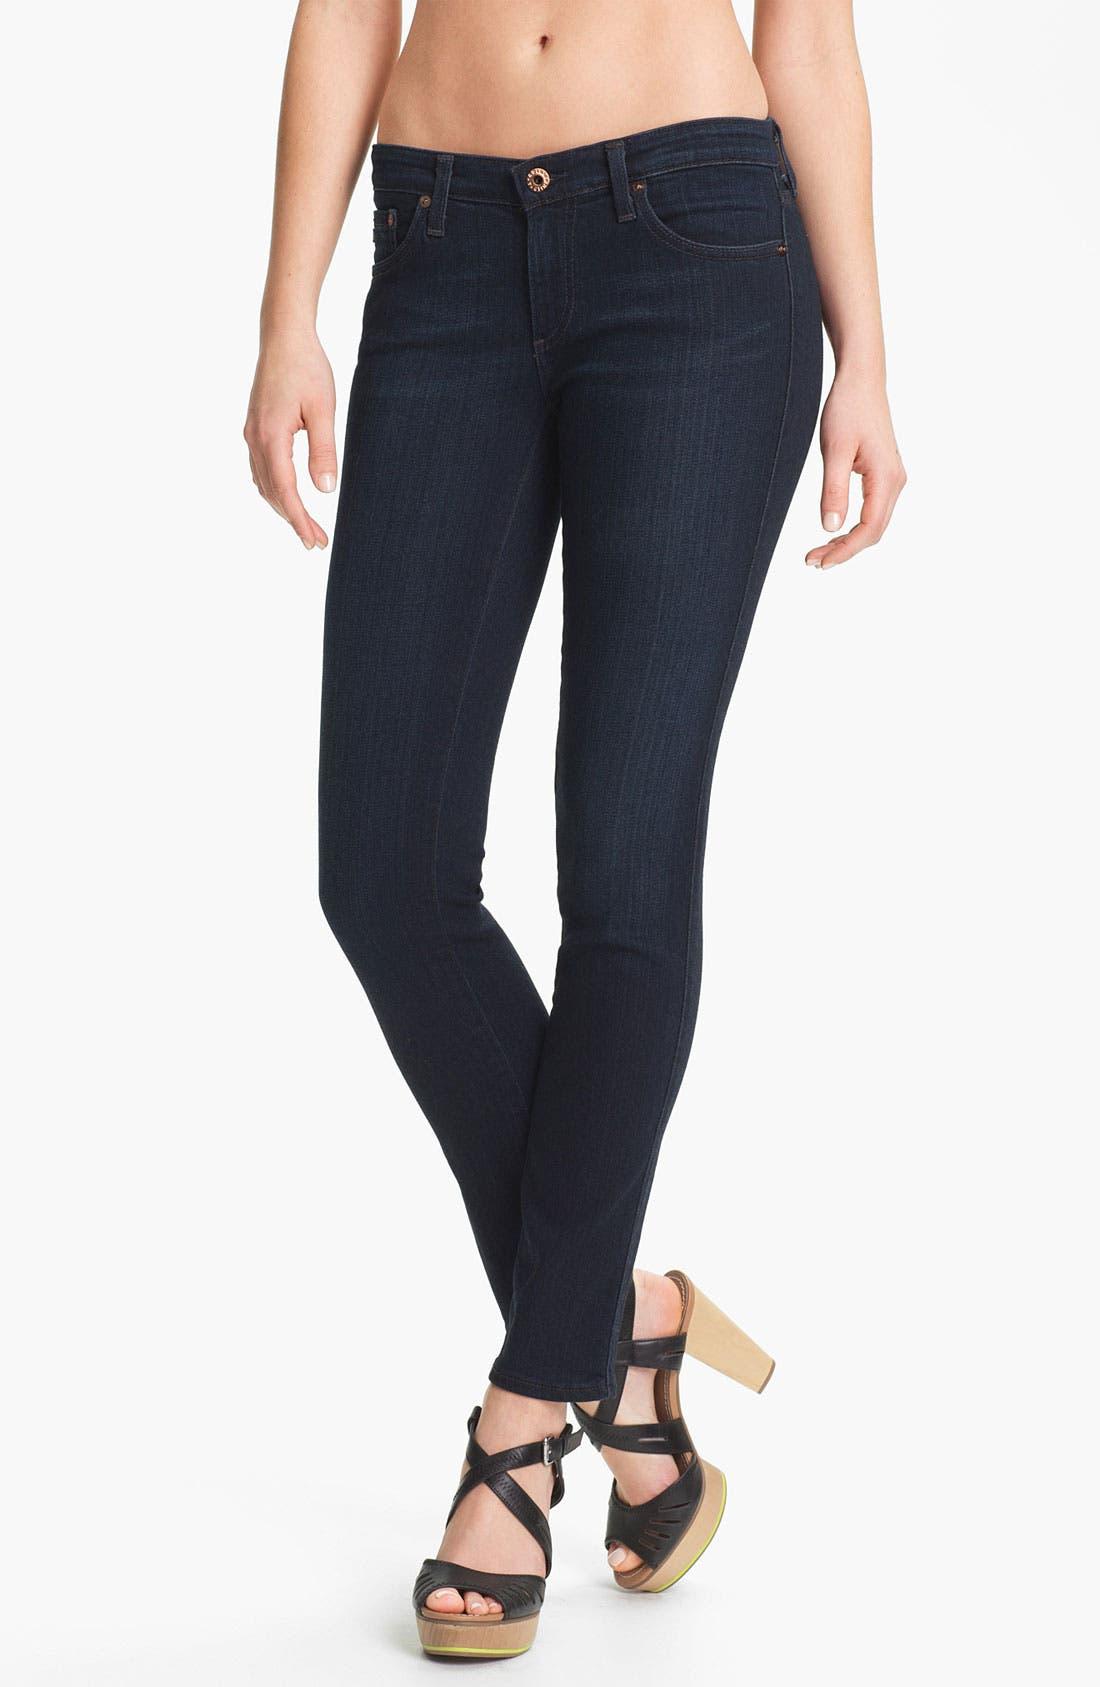 Main Image - AG Jeans 'Stilt' Cigarette Leg Stretch Jeans (Jetsetter)